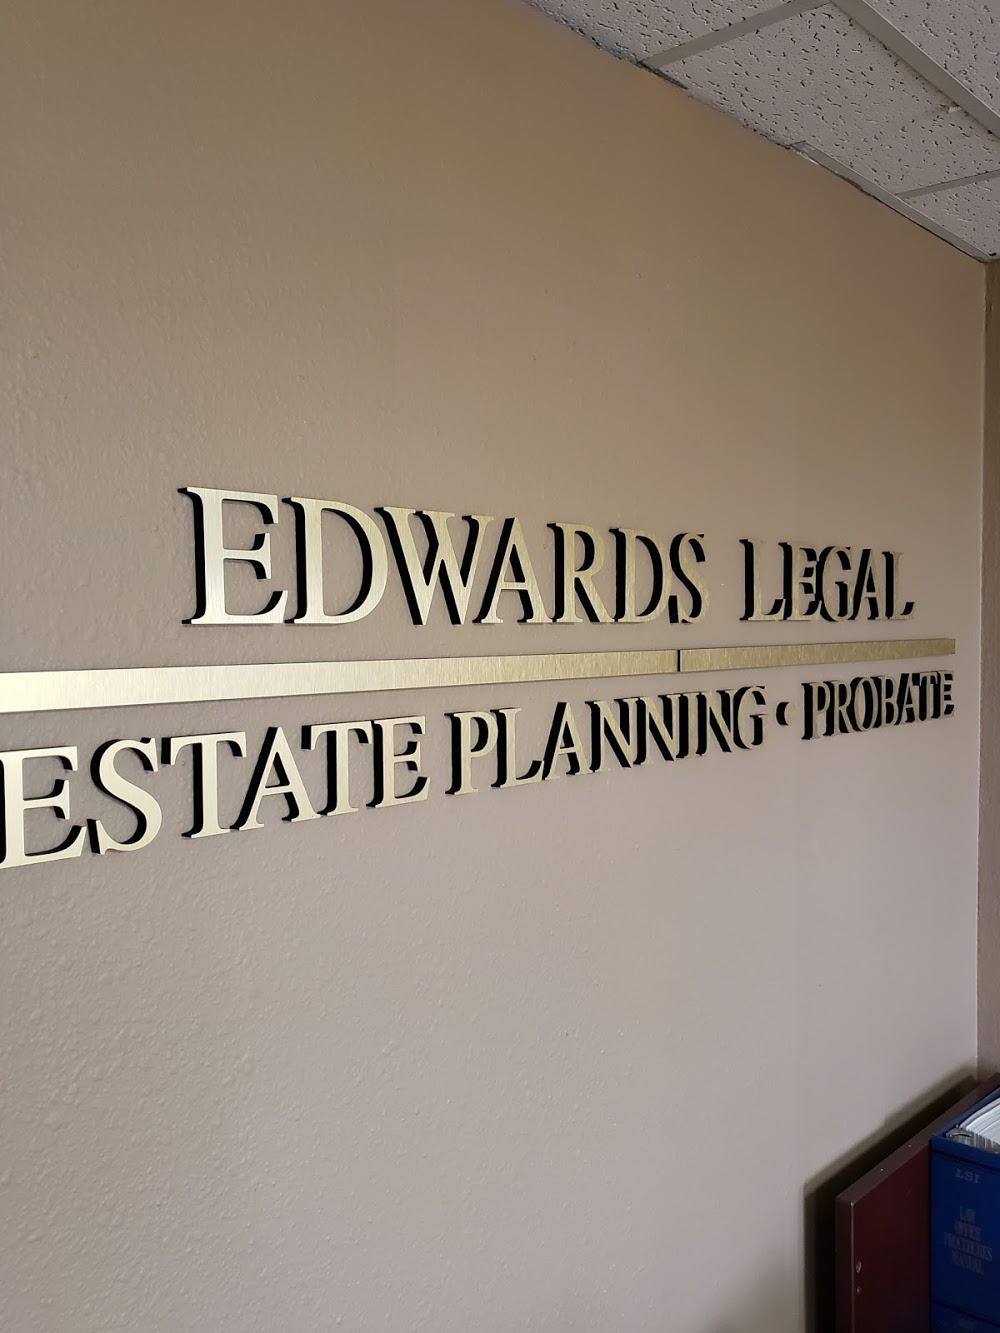 Edwards Legal- Estate Planning, Probate & Bankruptcy Law